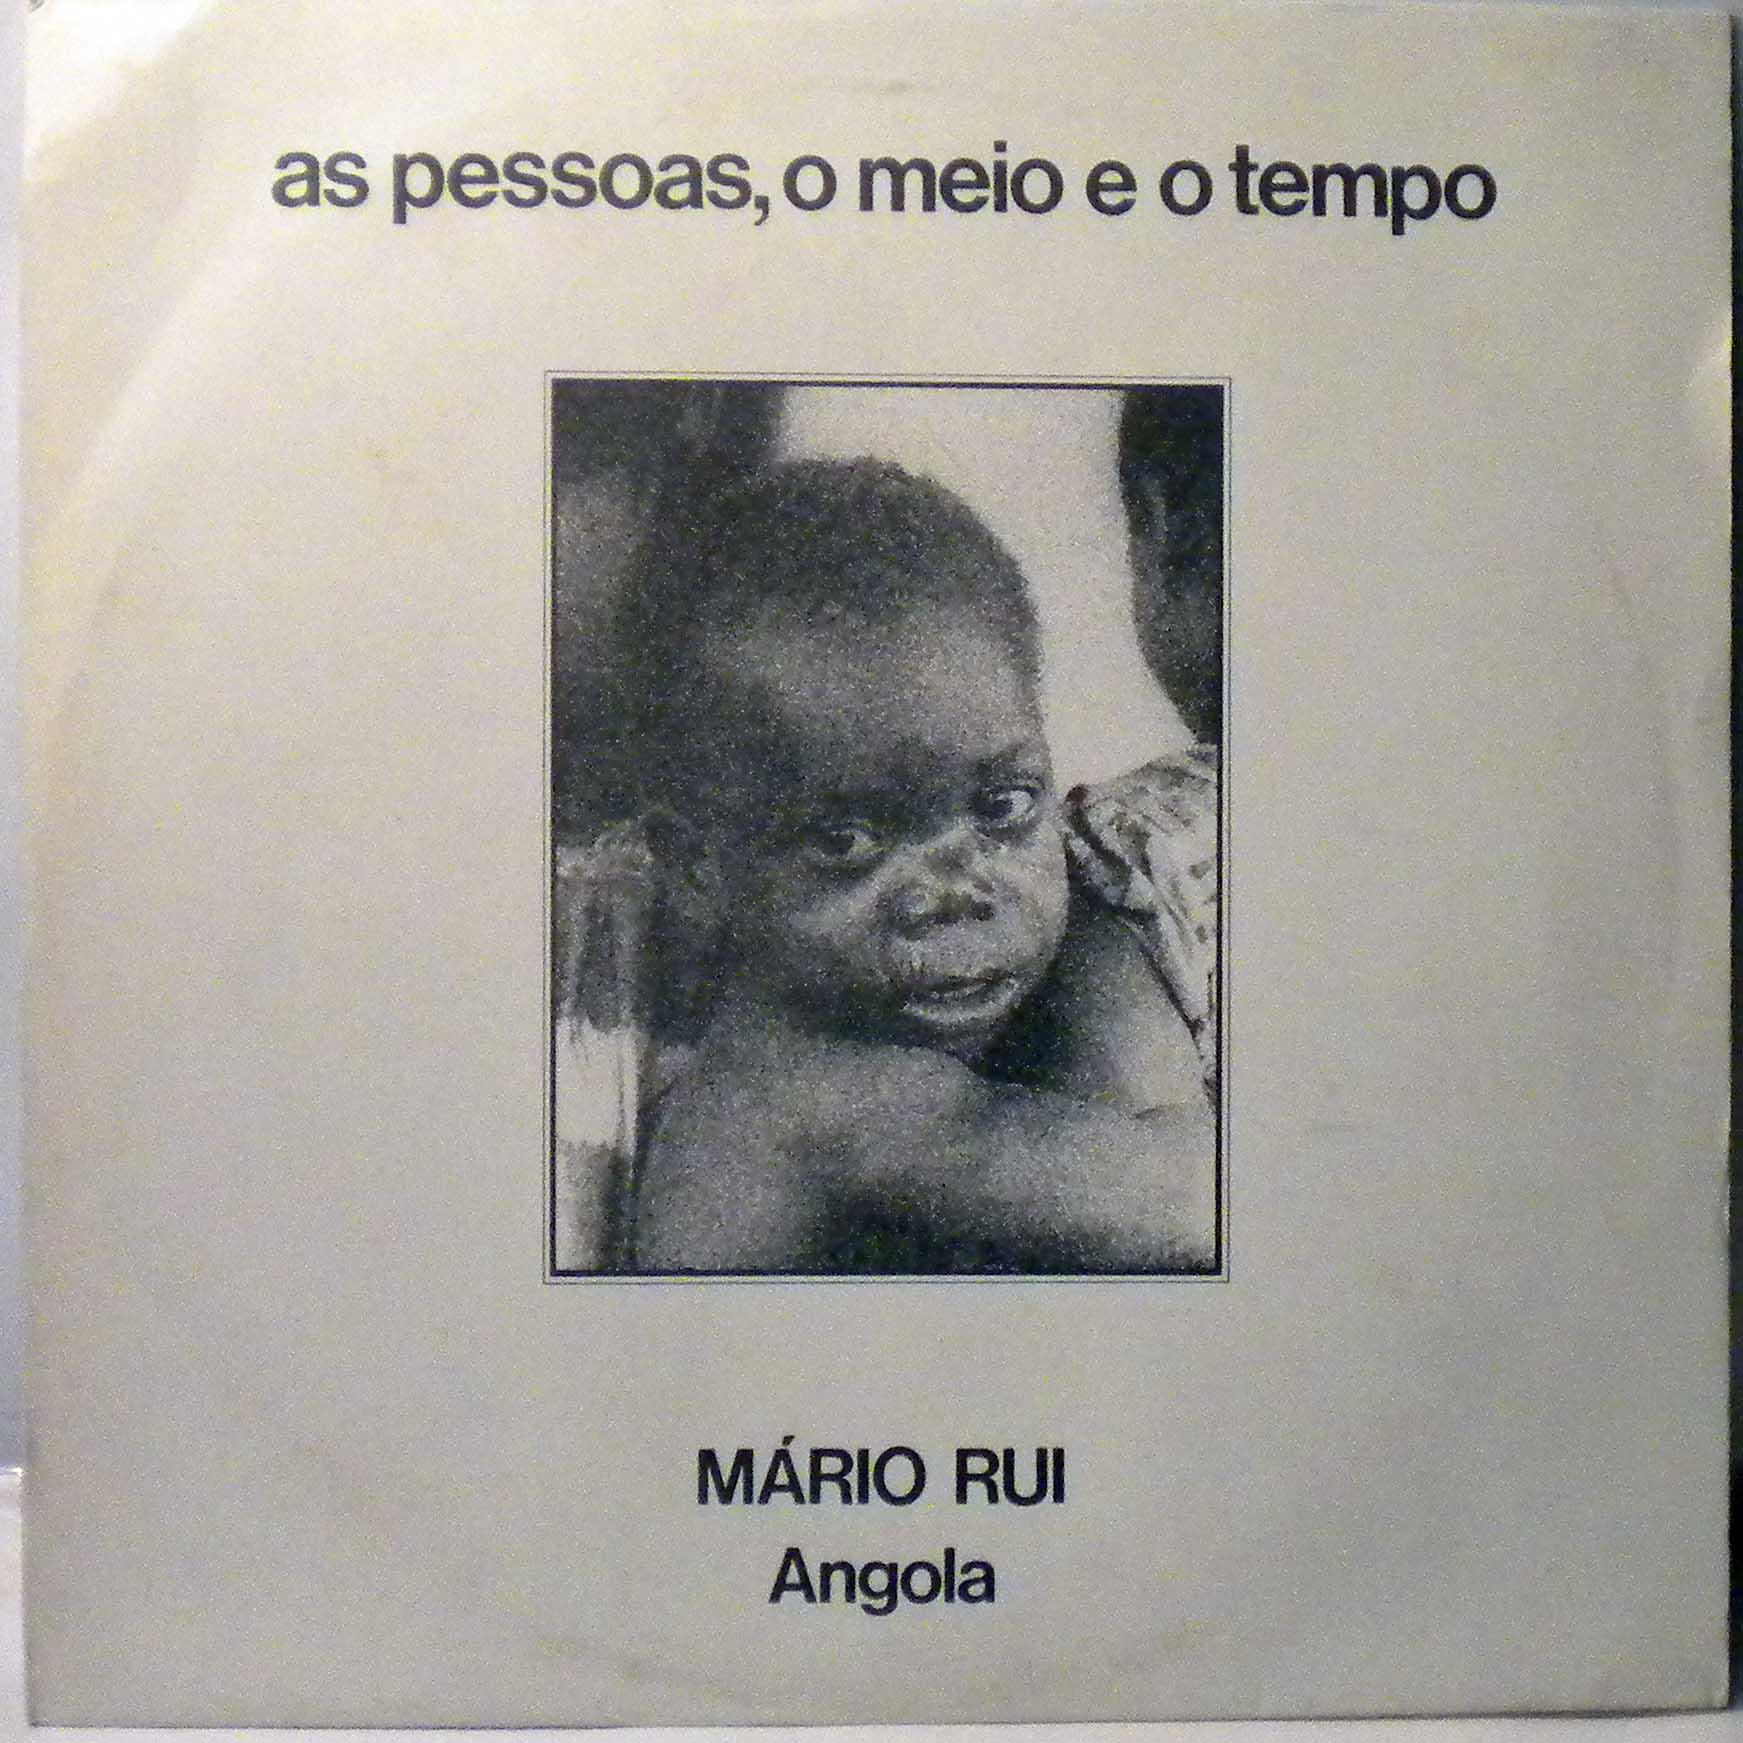 MARIO RUI SILVA - As pessoas, o meio e o tempo - LP